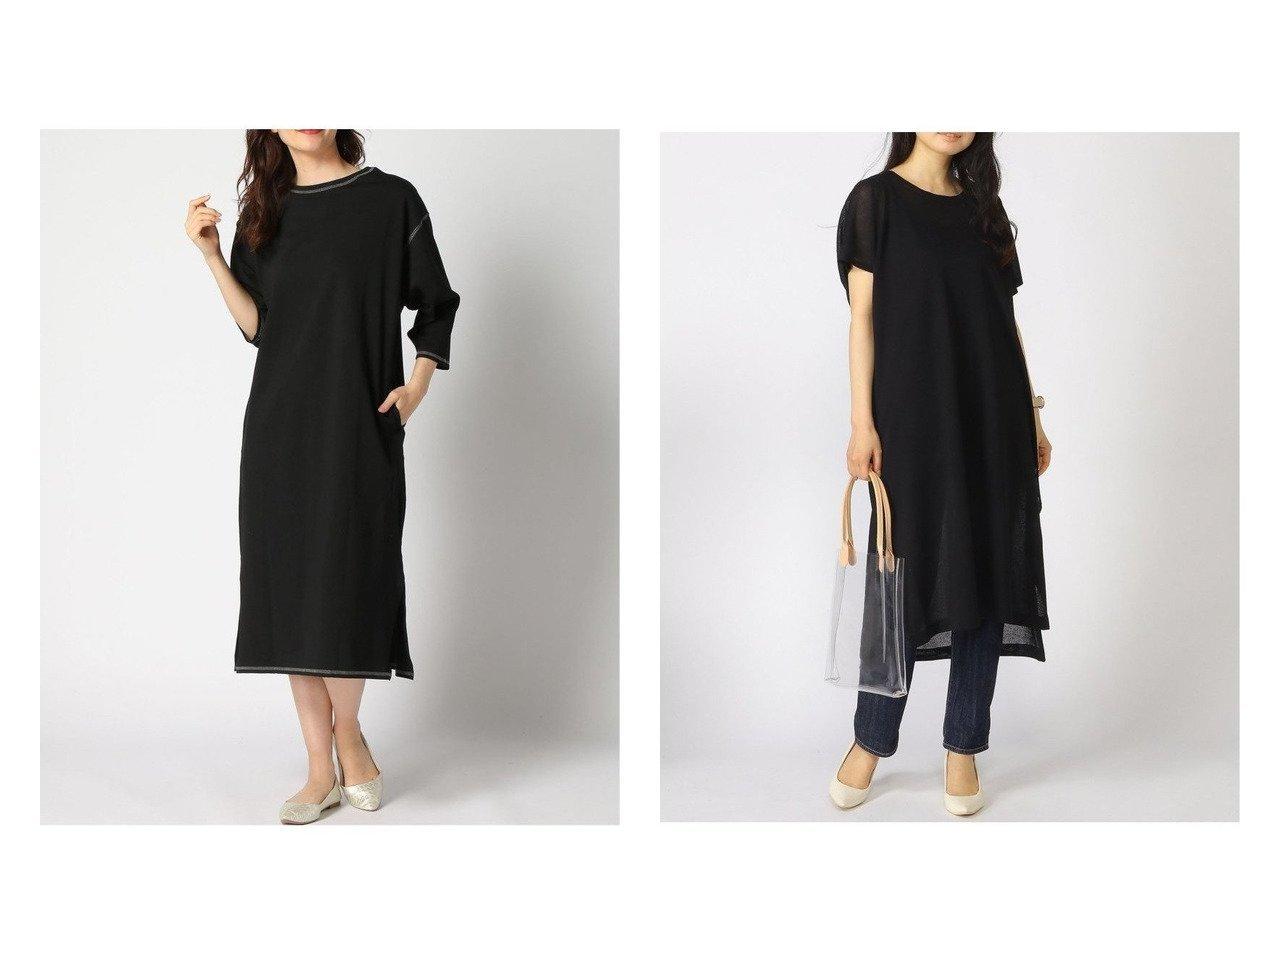 【LEPSIM LOWRYS FARM/レプシィム ローリーズファーム】の16Gシアーニット2PセットOP&ハイショクステッチOP 【プチプライス】おすすめ!人気トレンド・ファッション通販 おすすめで人気の流行・トレンド、ファッションの通販商品 インテリア・家具・メンズファッション・キッズファッション・レディースファッション・服の通販 founy(ファニー) https://founy.com/ ファッション Fashion レディースファッション WOMEN ワンピース Dress ニットワンピース Knit Dresses おすすめ Recommend スウェット 定番 Standard インナー シアー スリット スリーブ チュニック フレンチ |ID:crp329100000040734